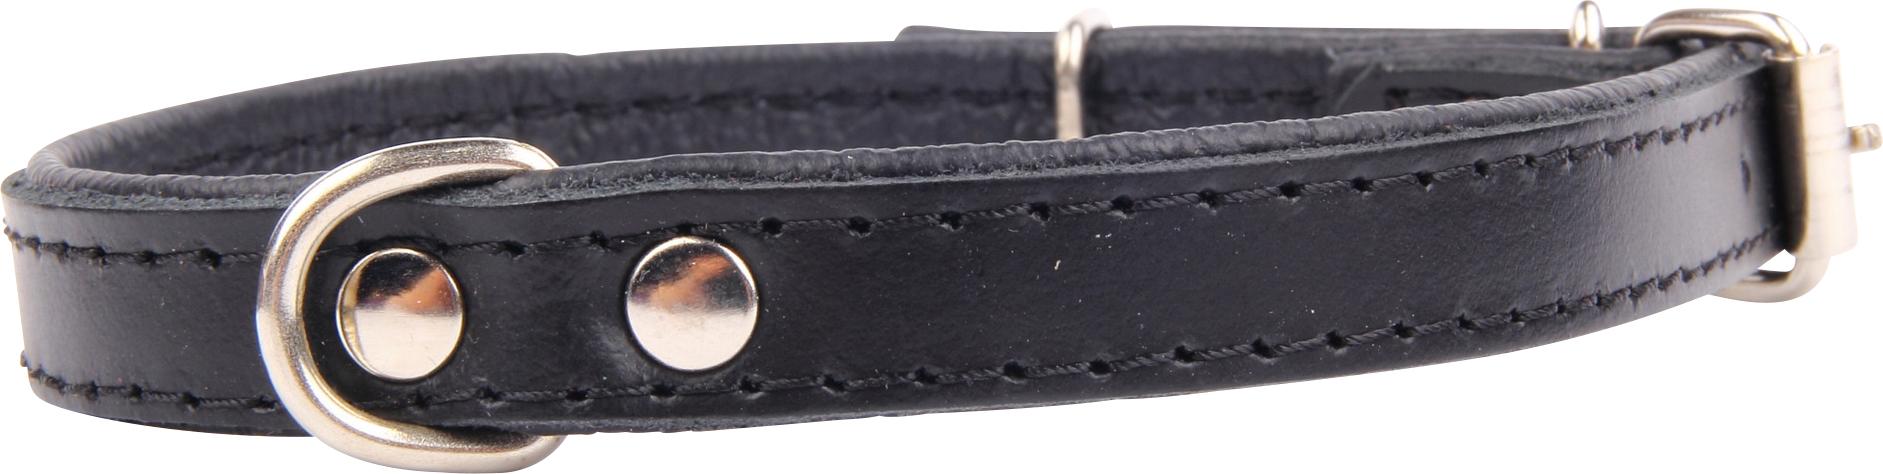 Läderhalsband, Svart 55 cm